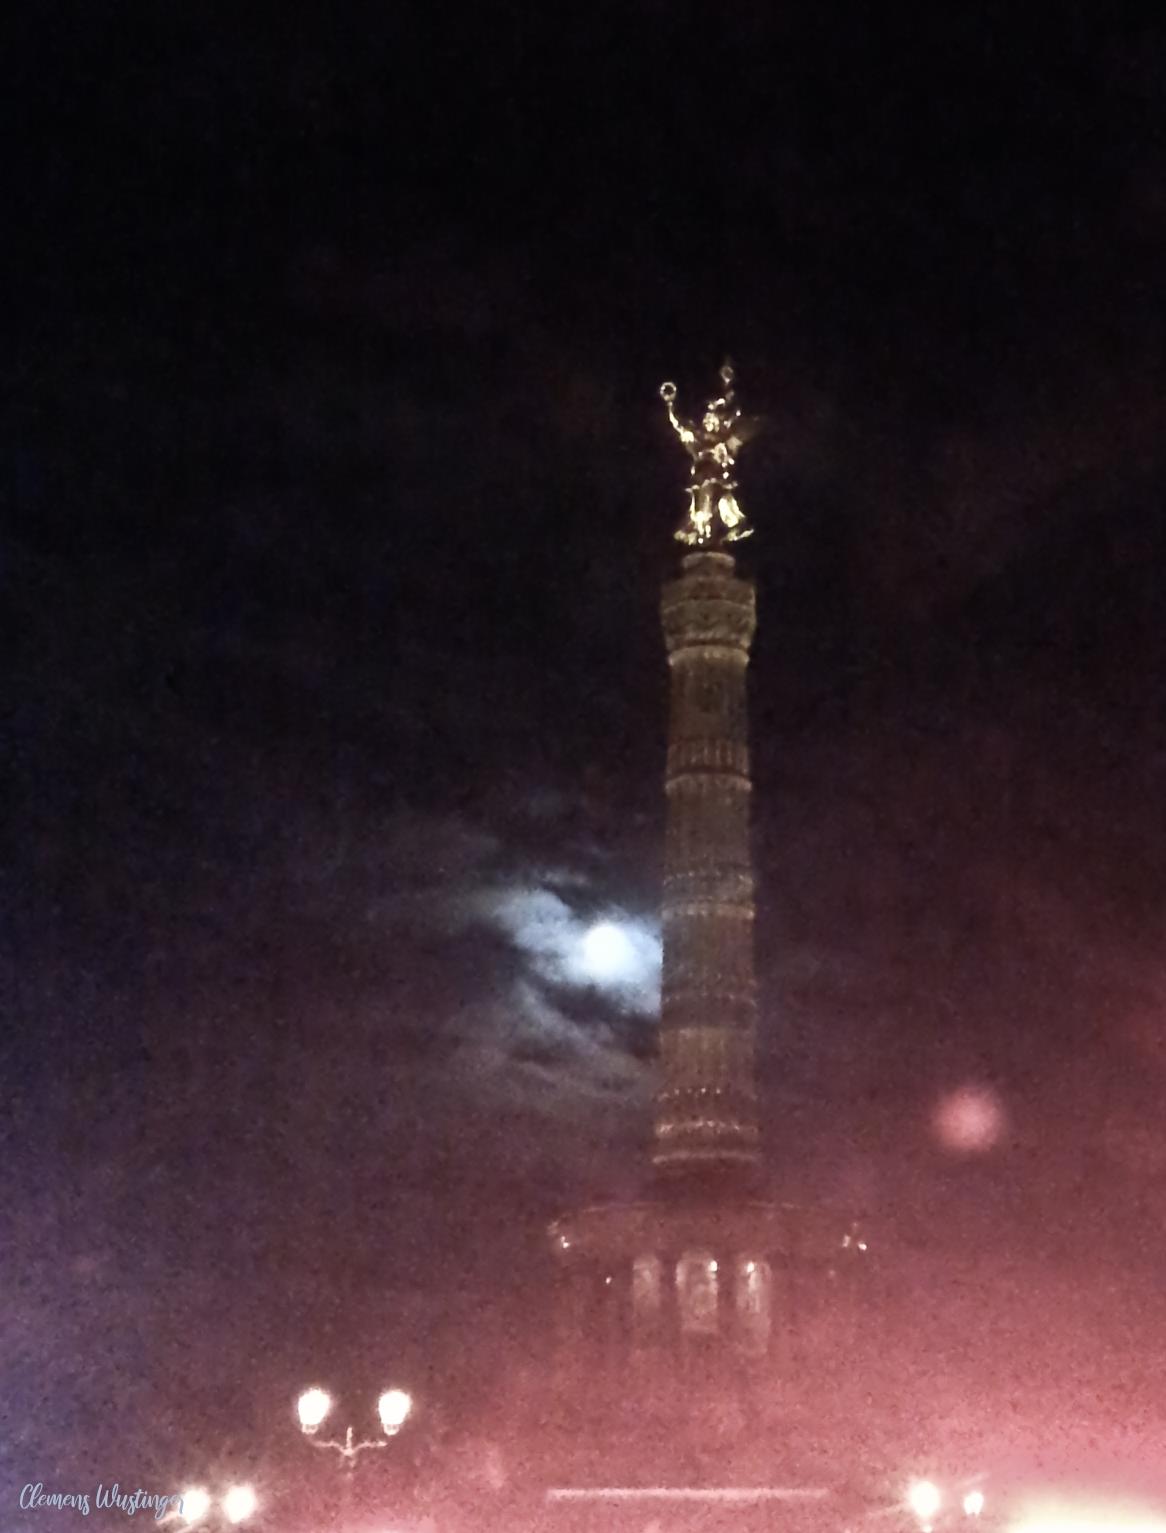 Siegessäule Berlin bei Nacht vor Vollmond